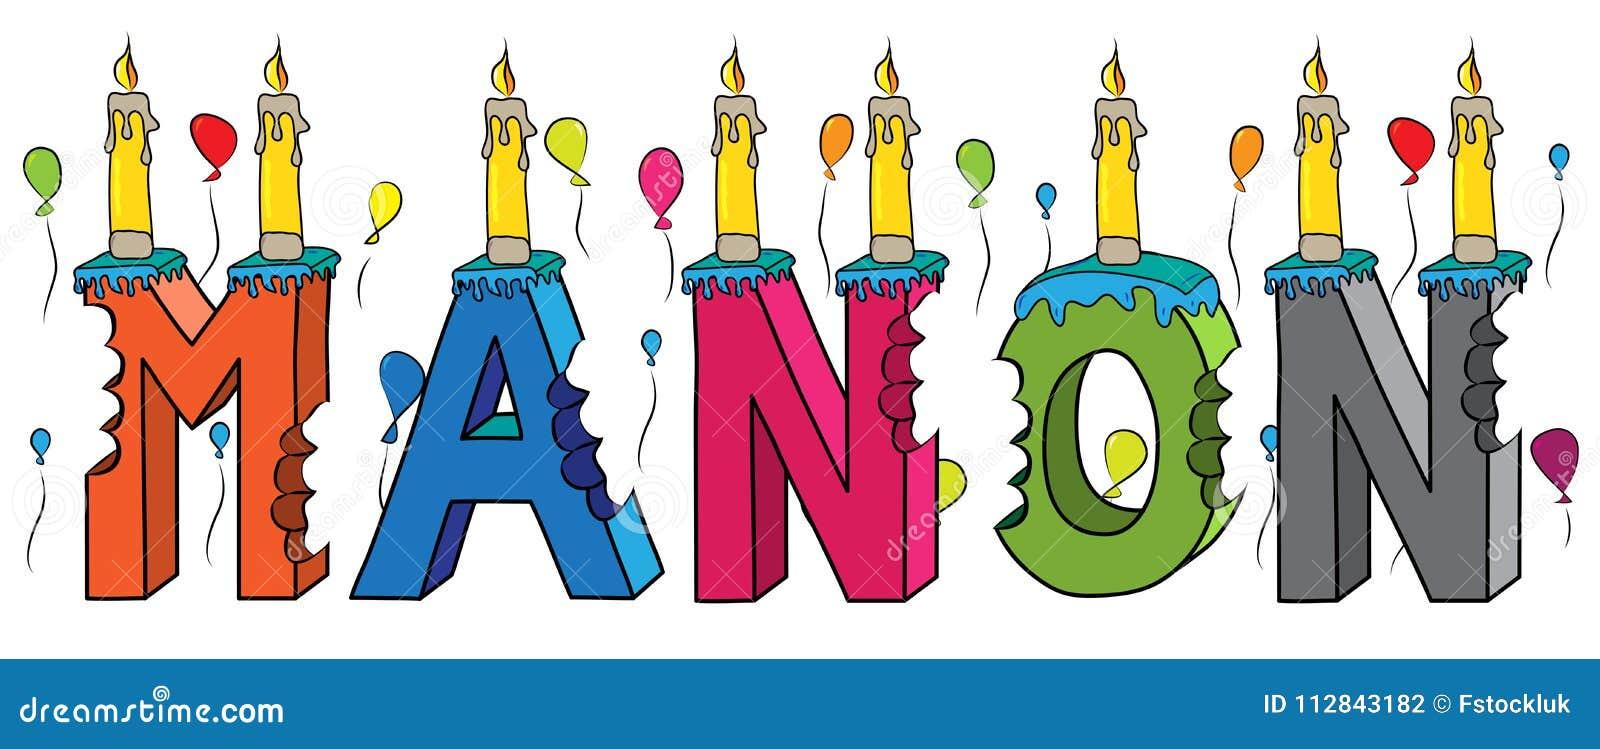 Geburtstagskuchen Beschriftung 3d Manon weiblicher Vorname gebissener bunter mit Kerzen und Ballonen